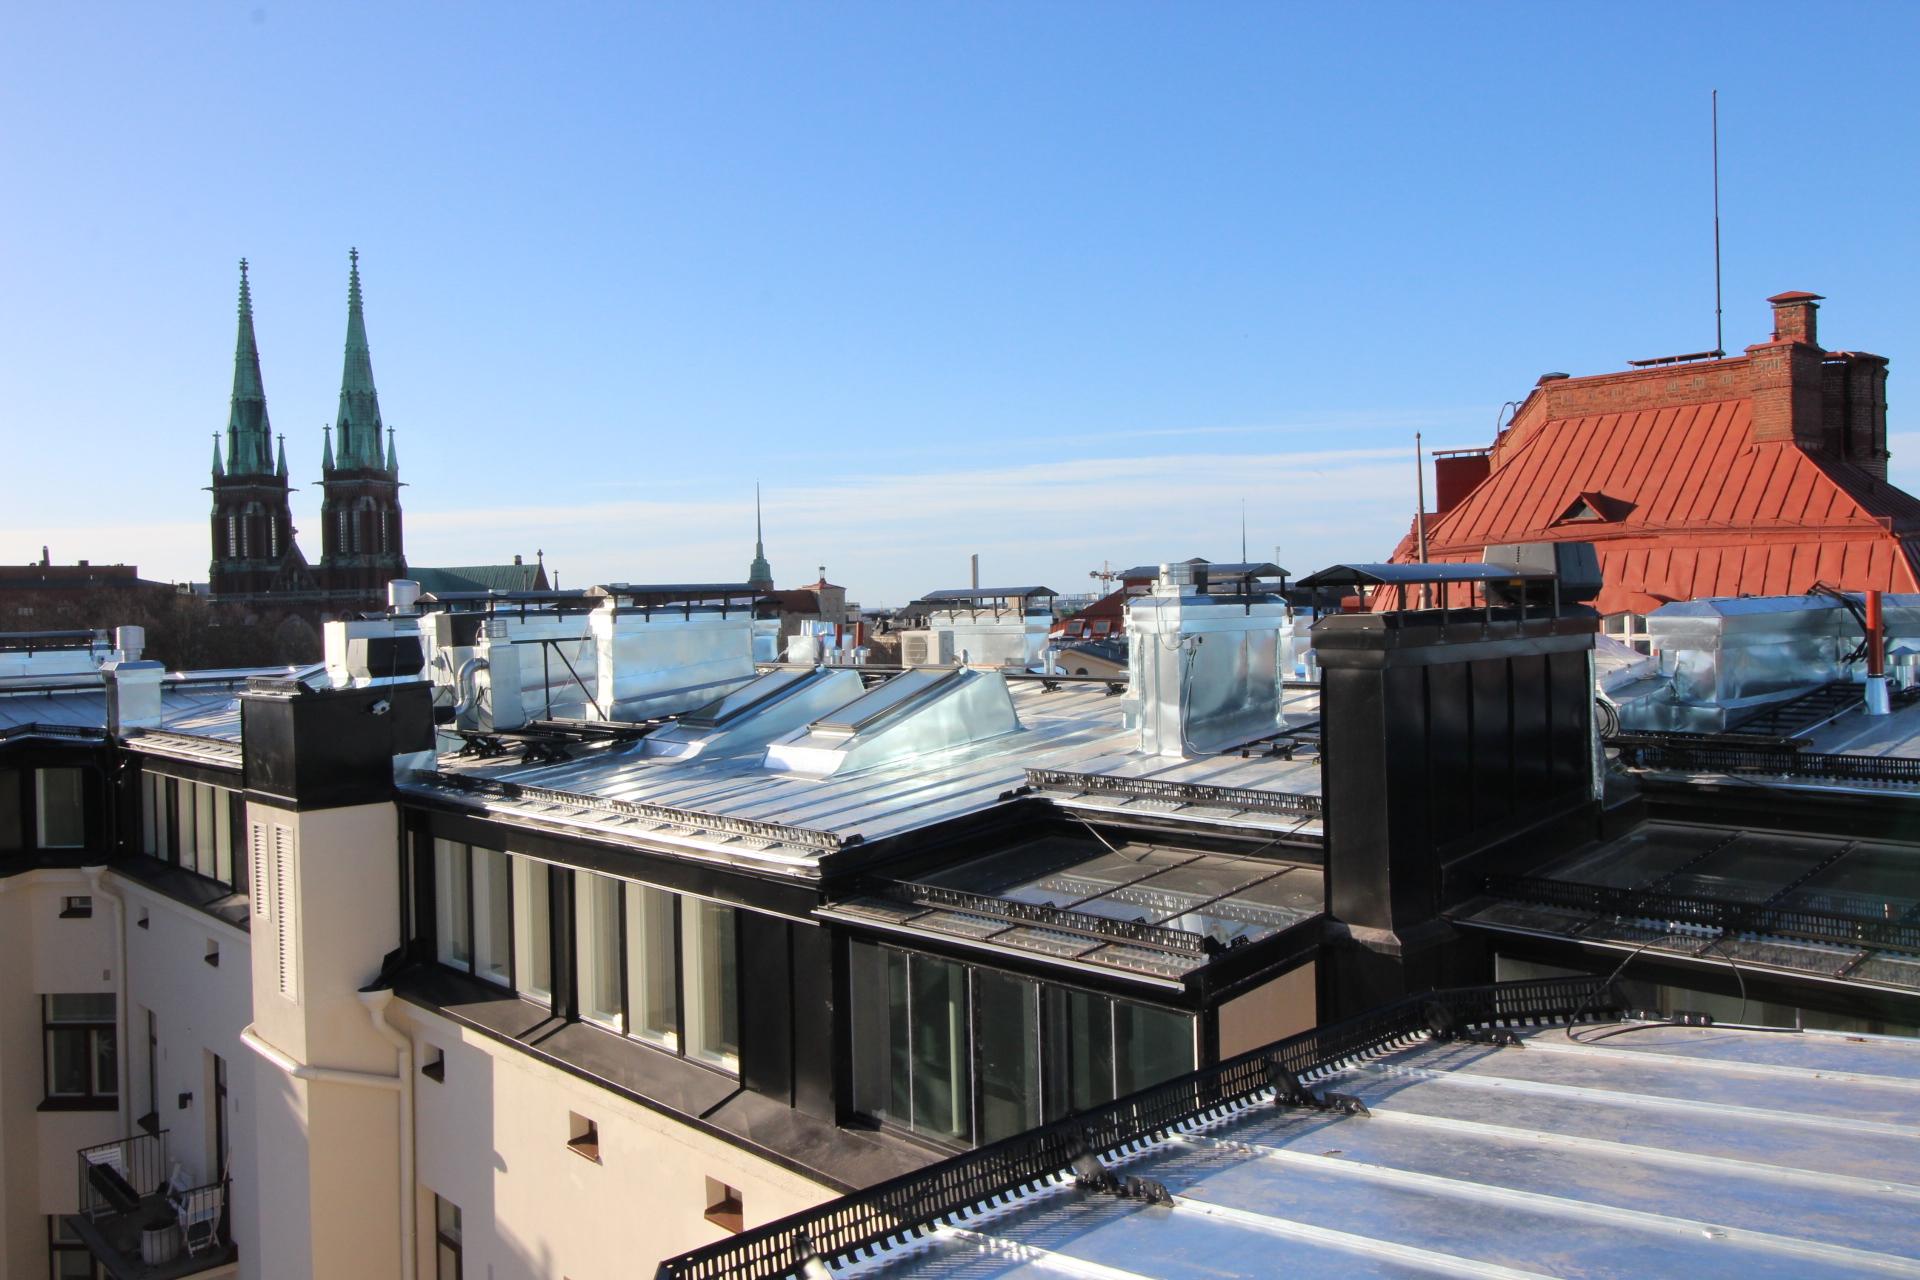 As Oy Mars: Ullakkoasuntojen rakentaminen Korkeavuorenkatu 27, Helsinki